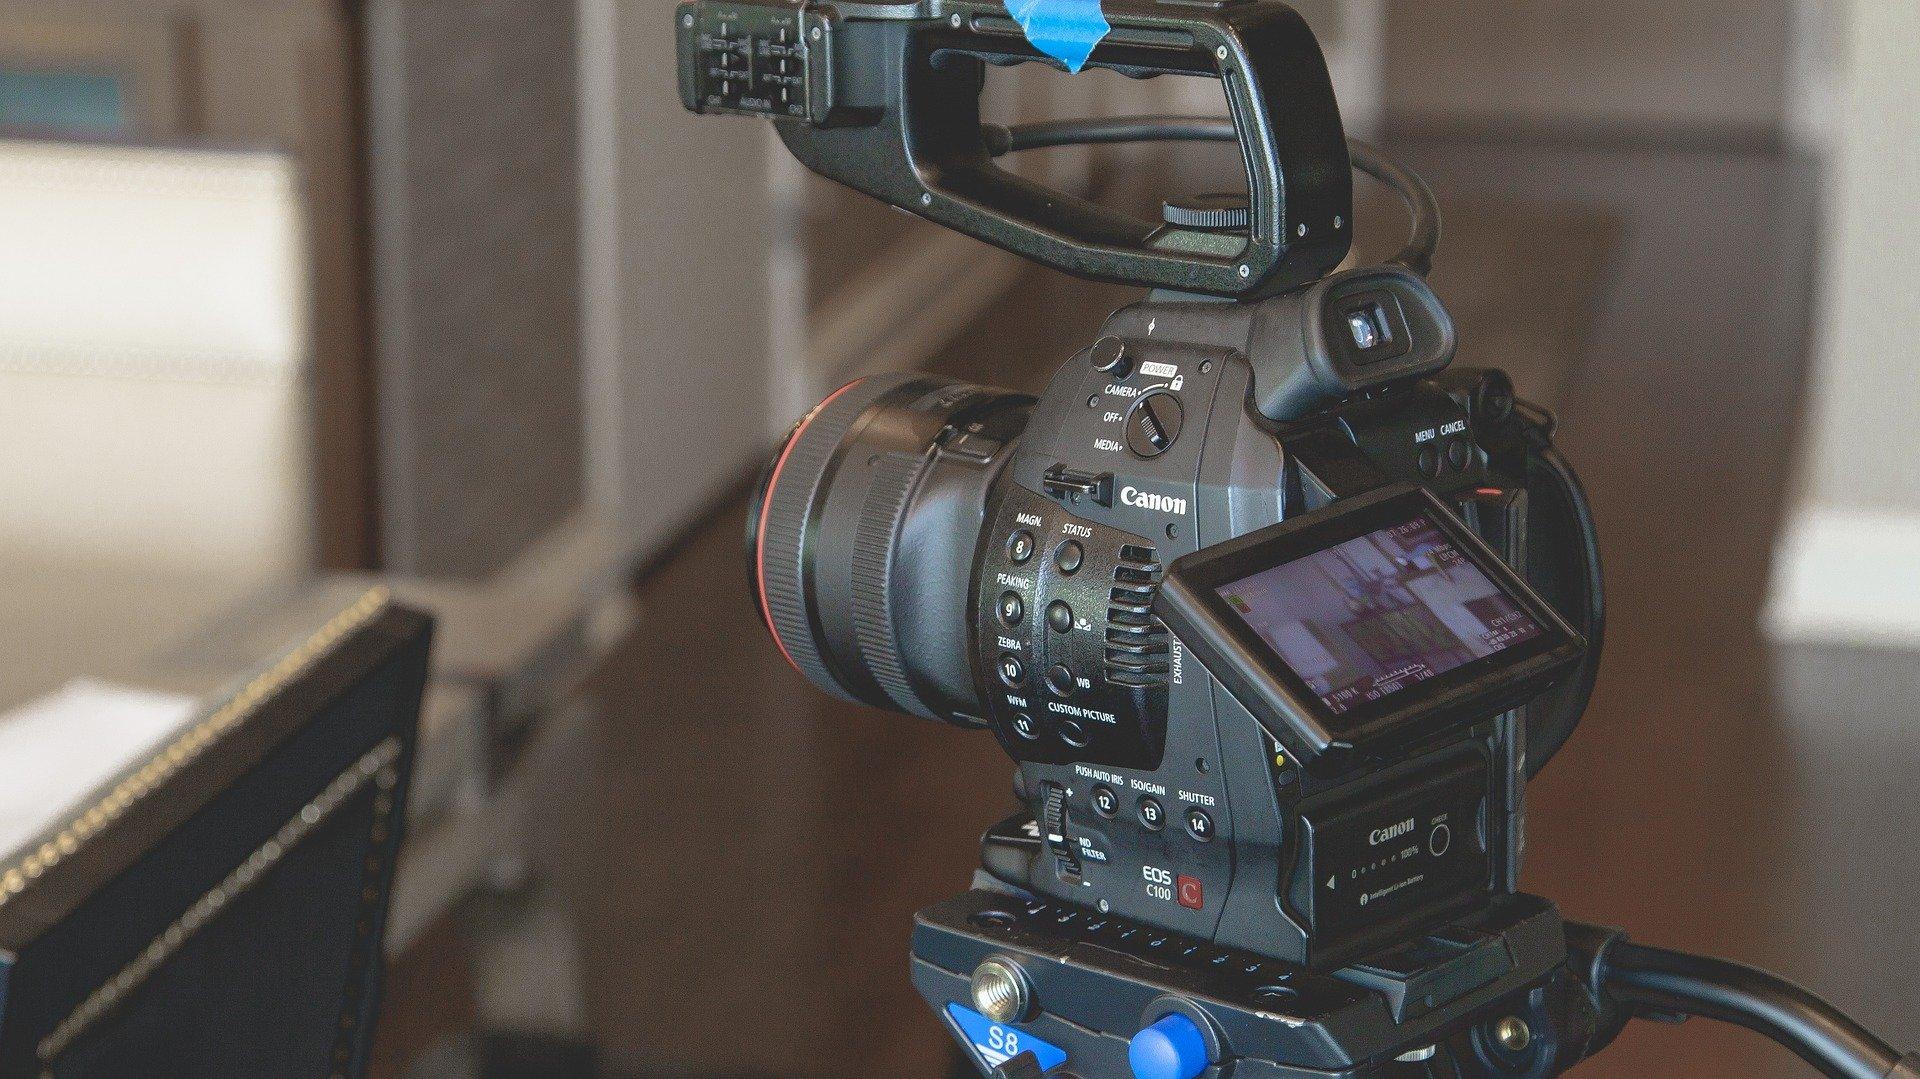 De voordelen van animatievideos gebruiken voor je bedrijf